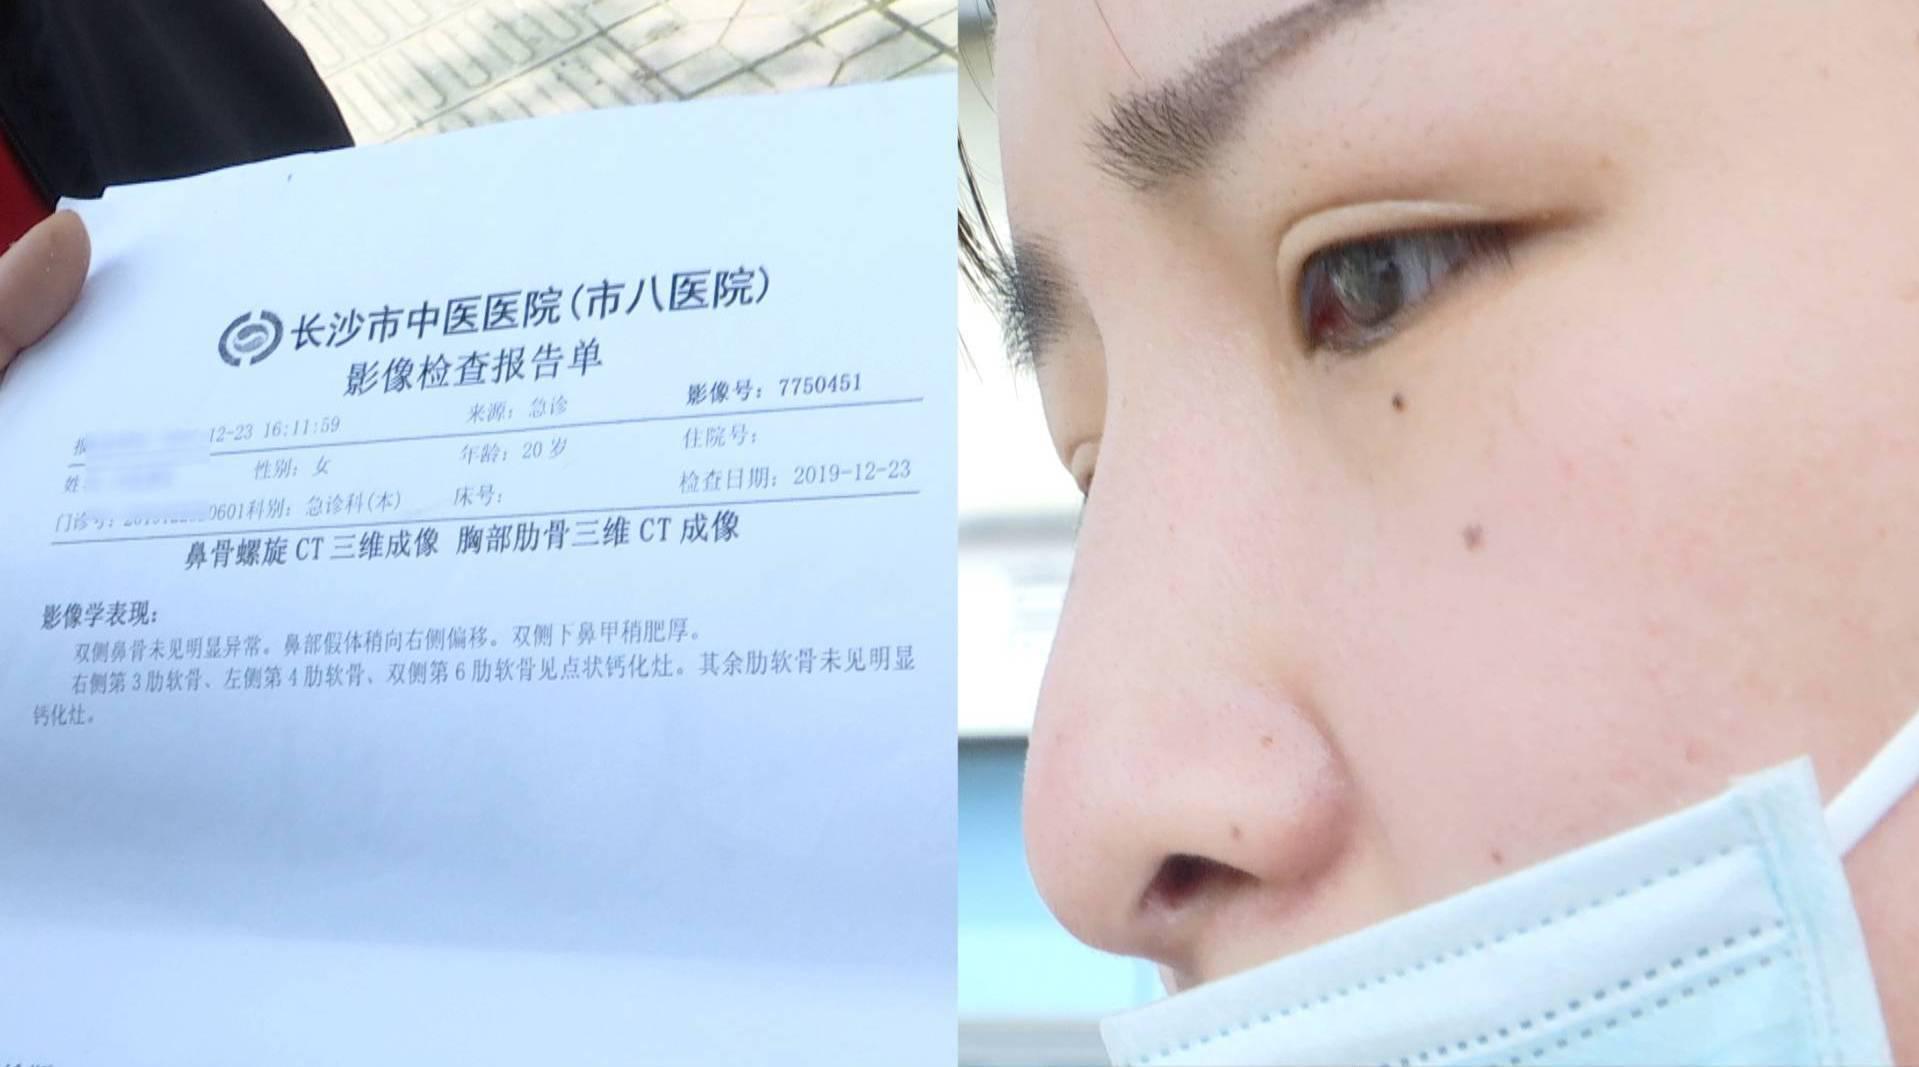 女子整形后鼻梁变歪,复诊时让人又绝望又窒息的事情发生了